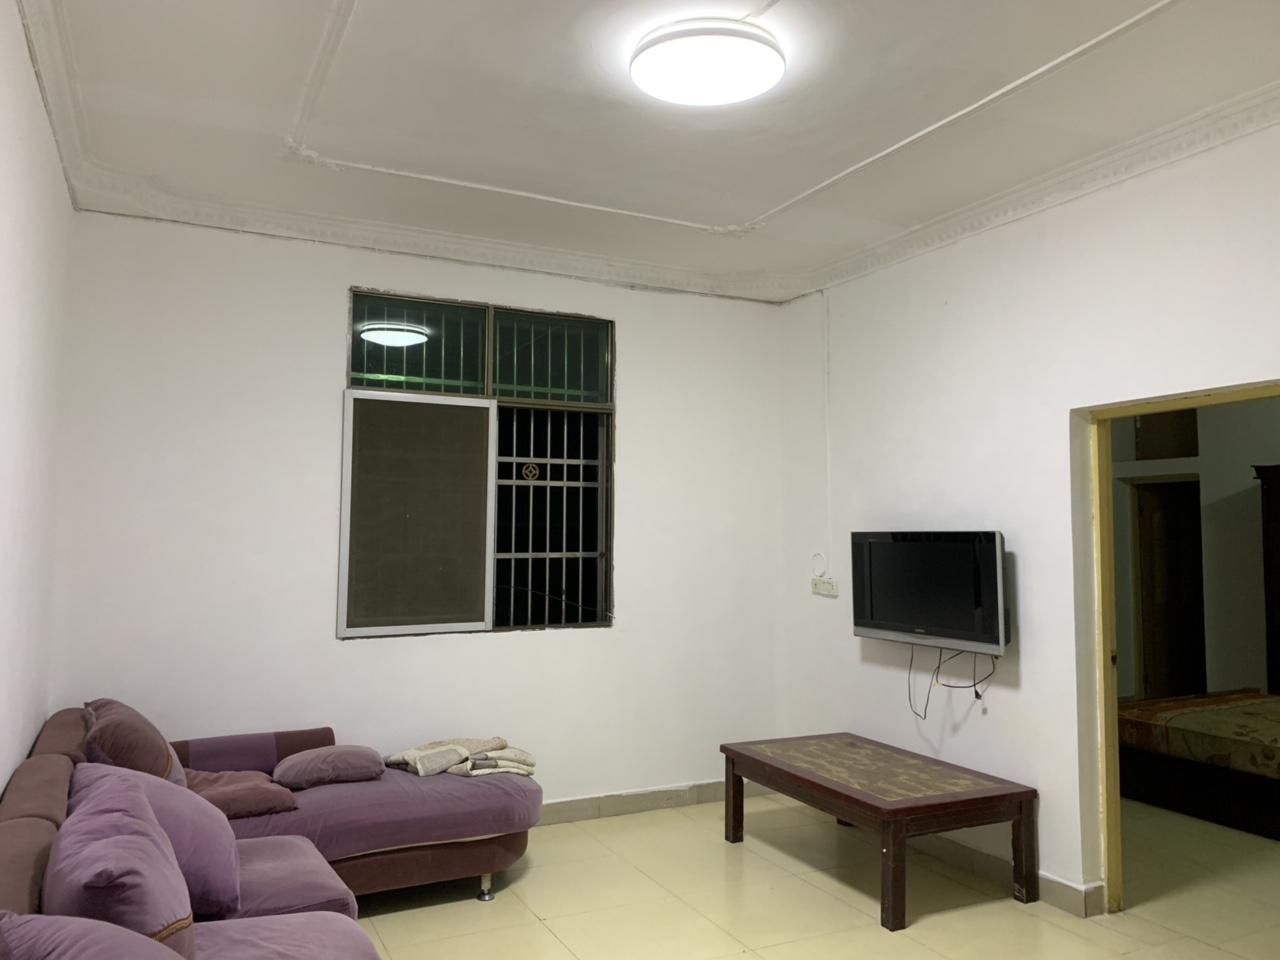 金盆山公寓3室 2厅 1卫35.8万元 中装 好便